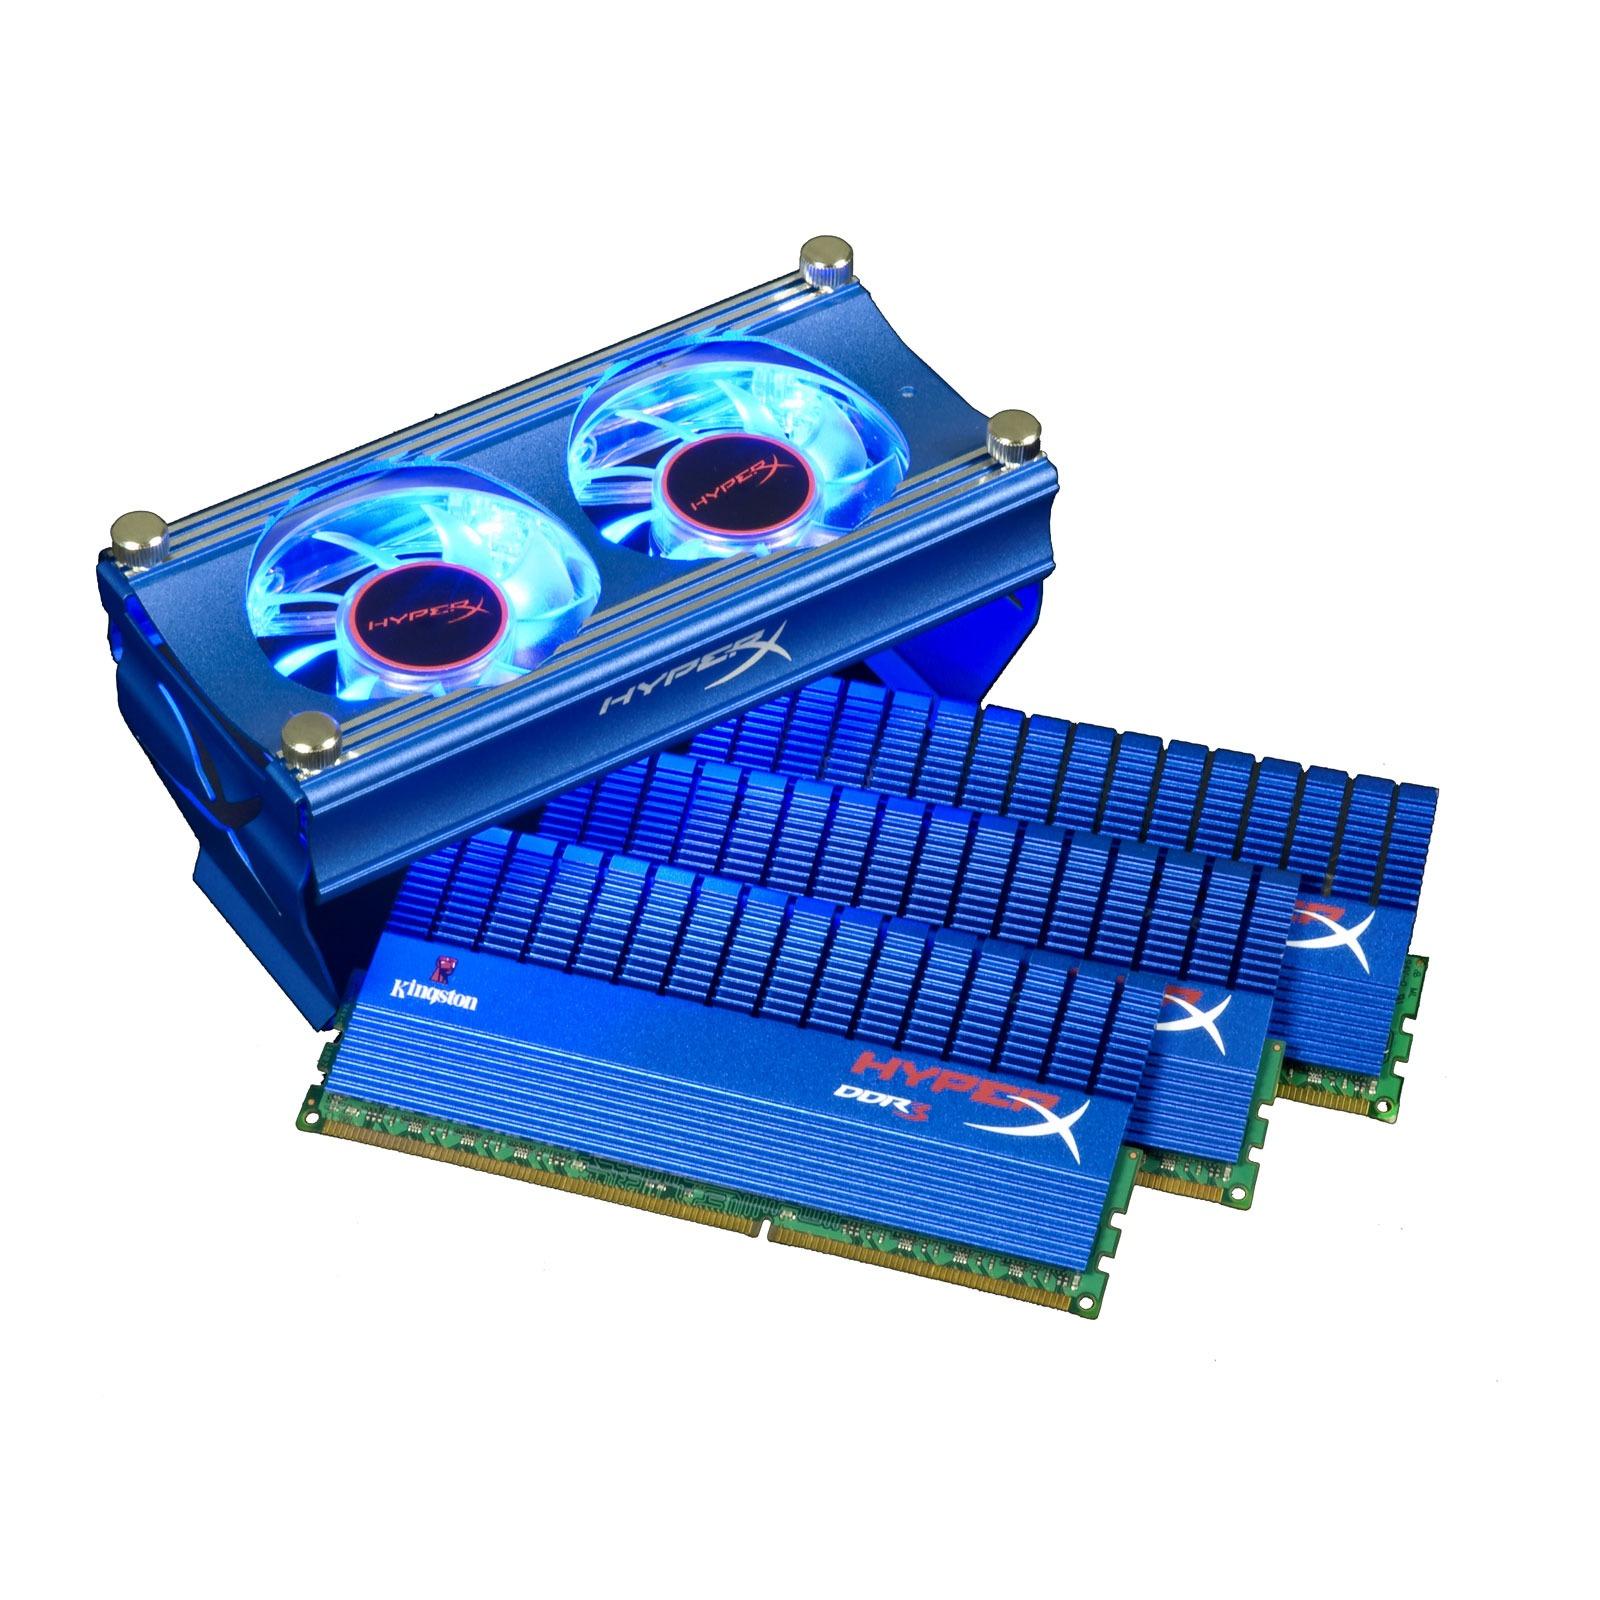 Mémoire PC Kingston XMP T1 3 Go (3x 1Go) DDR3 2333 MHz Kingston XMP T1 avec ventilateur 3 Go (kit 3x 1 Go) DDR3-SDRAM PC3-18666 CL9 - KHX2333C9D3T1FK3/3GX (garantie 10 ans par Kingston)